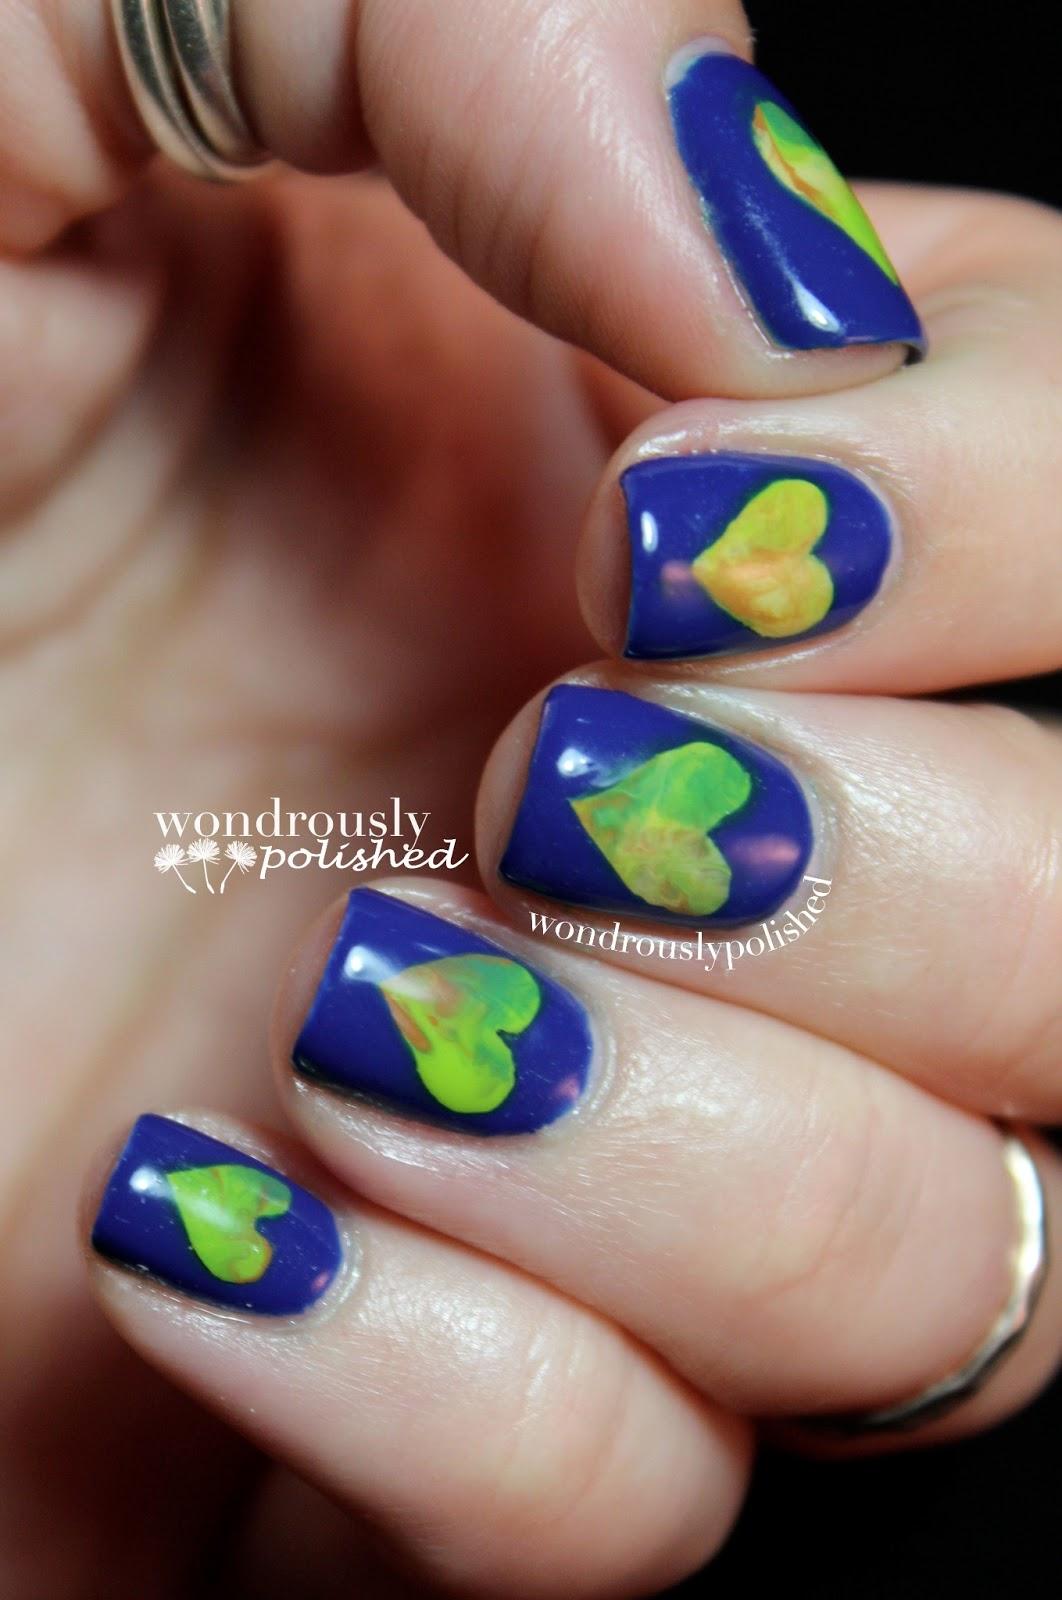 Wondrously Polished April Nail Art Challenge: Wondrously Polished: Earth Day